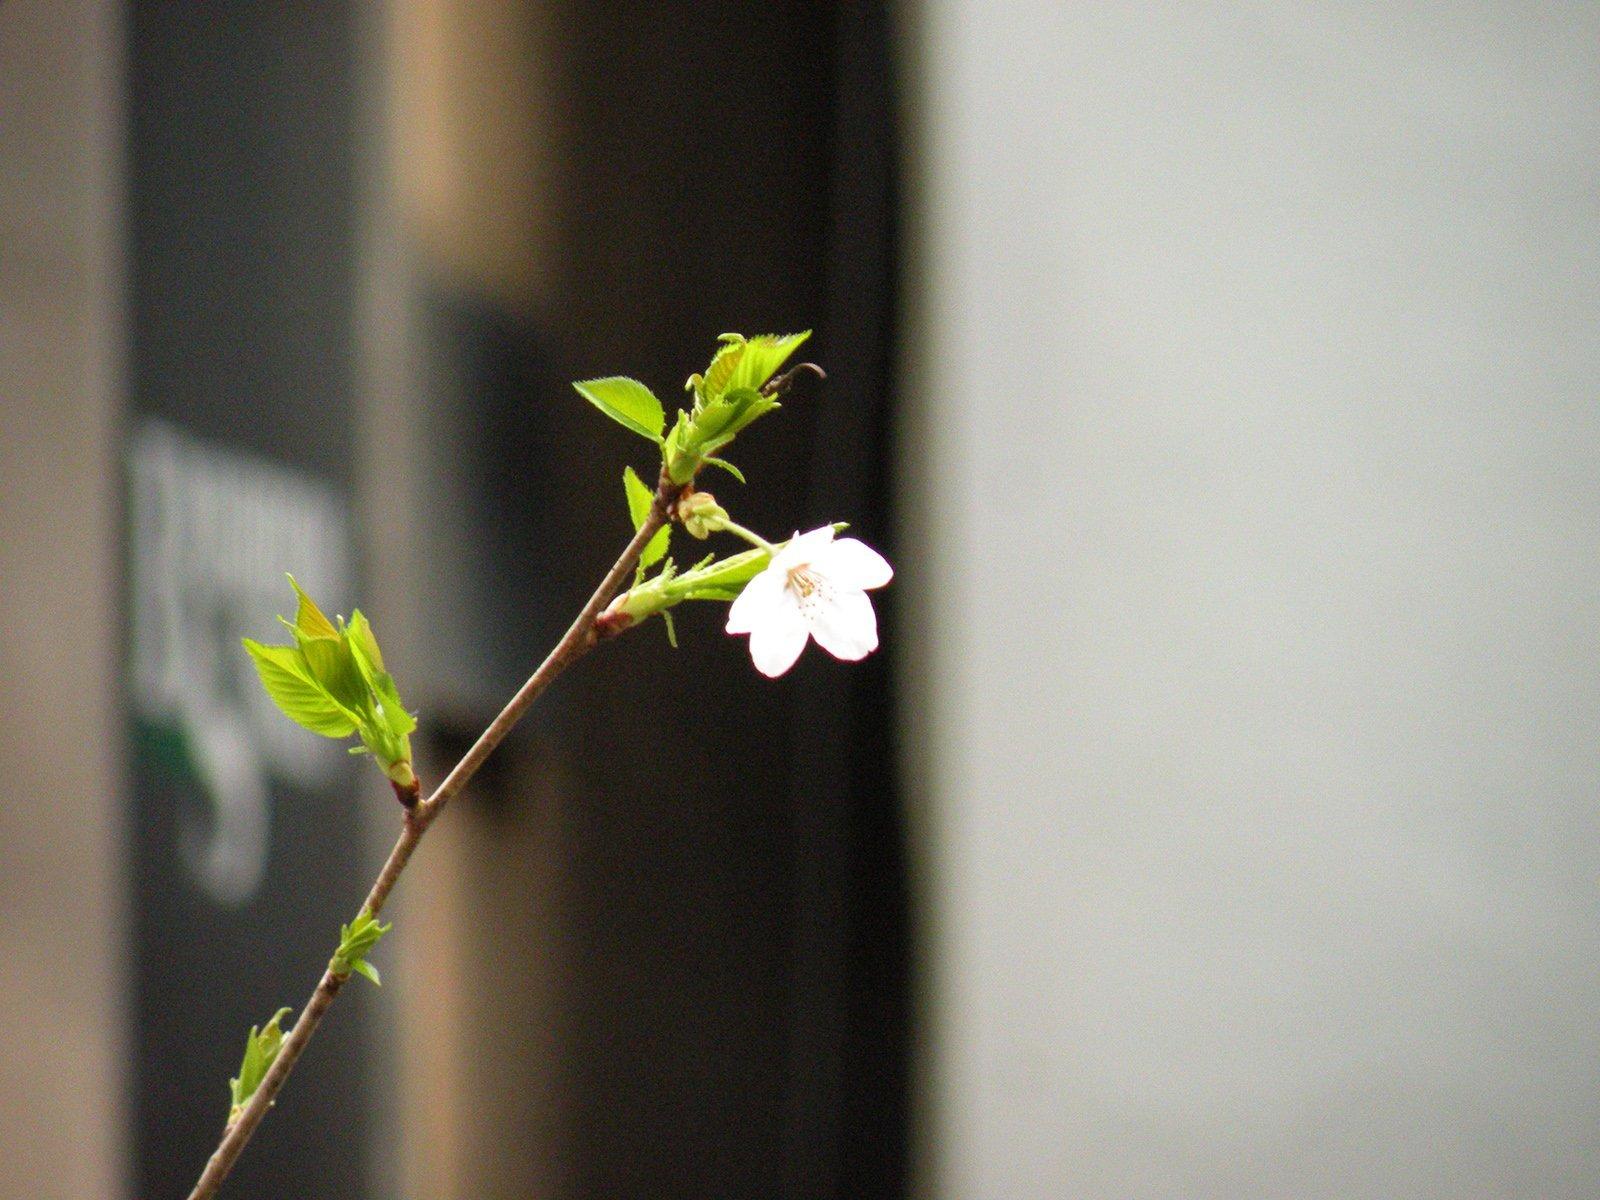 ilk çiçek